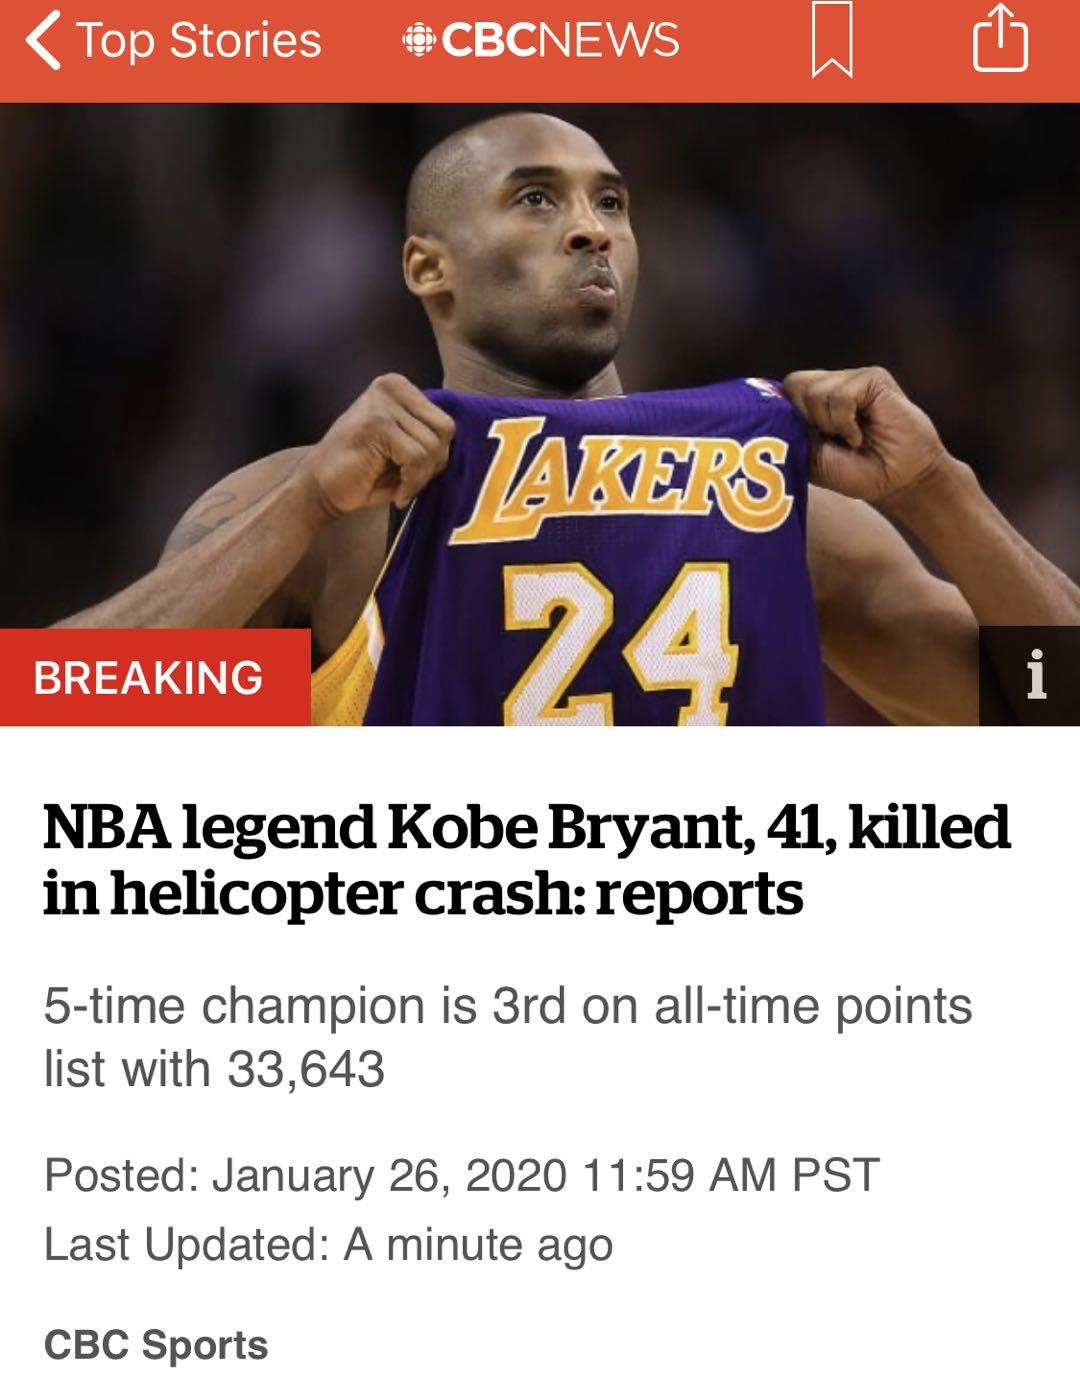 惊爆突发!NBA篮球巨星科比去世